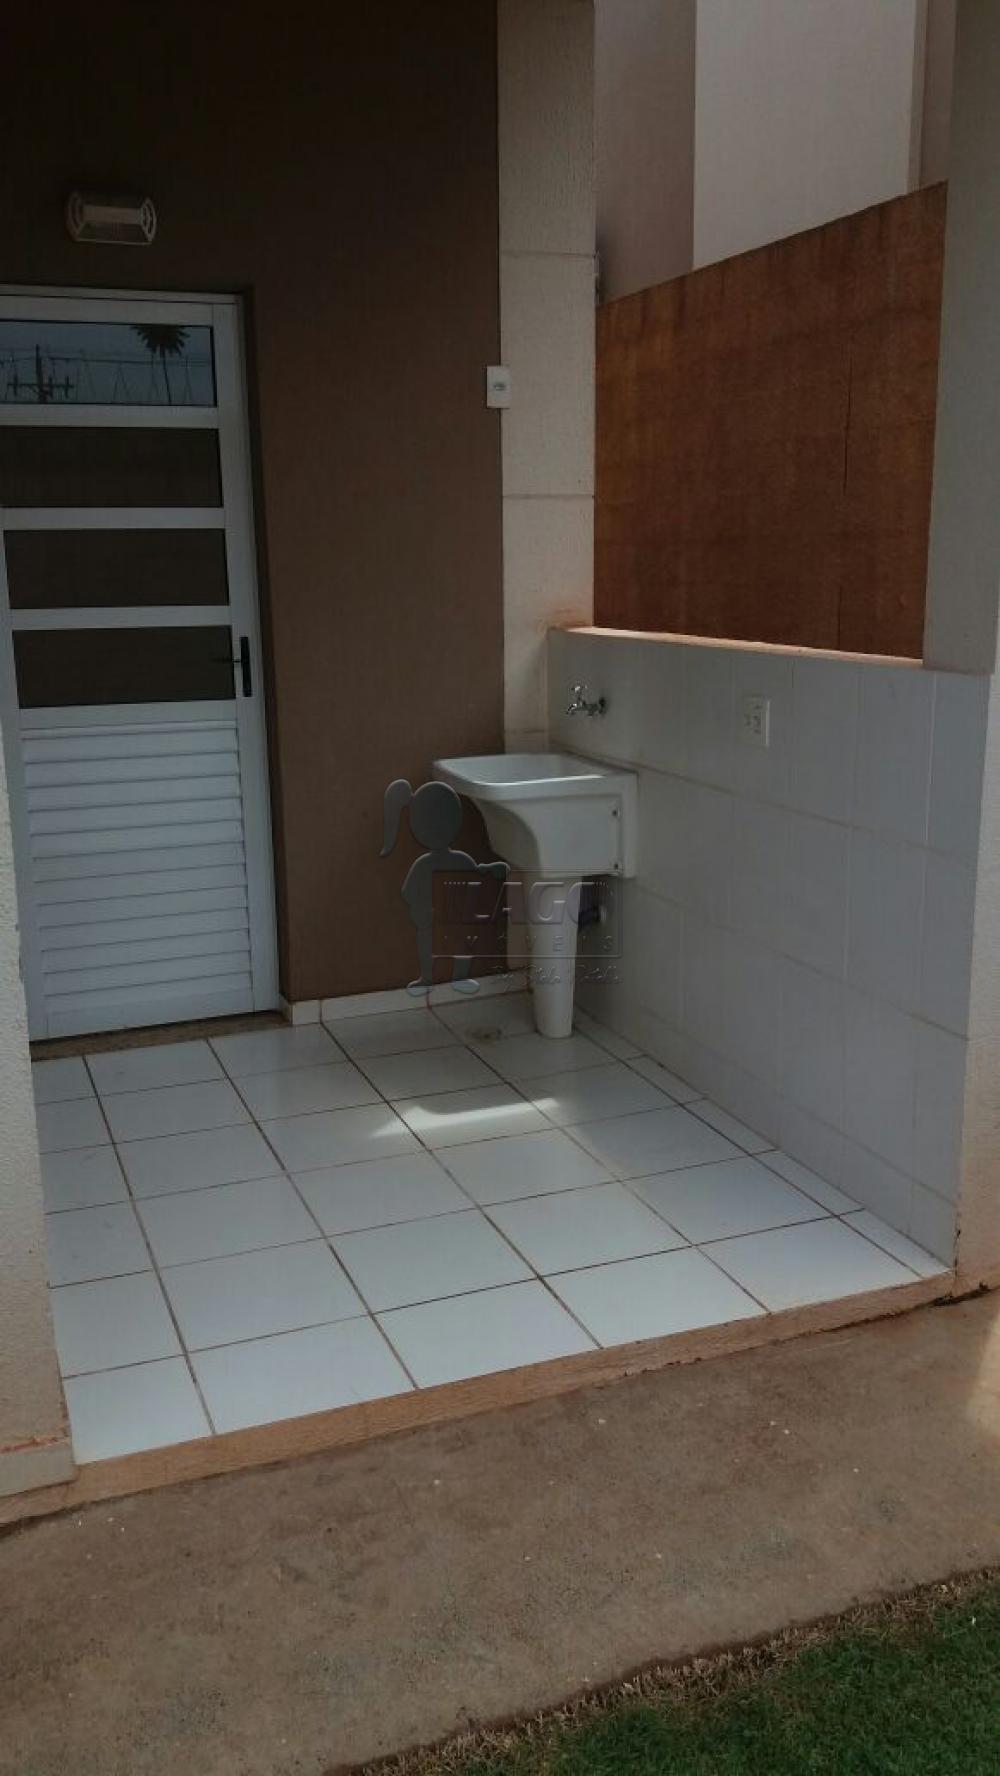 Alugar Casas / Condomínio em Ribeirão Preto apenas R$ 2.000,00 - Foto 12